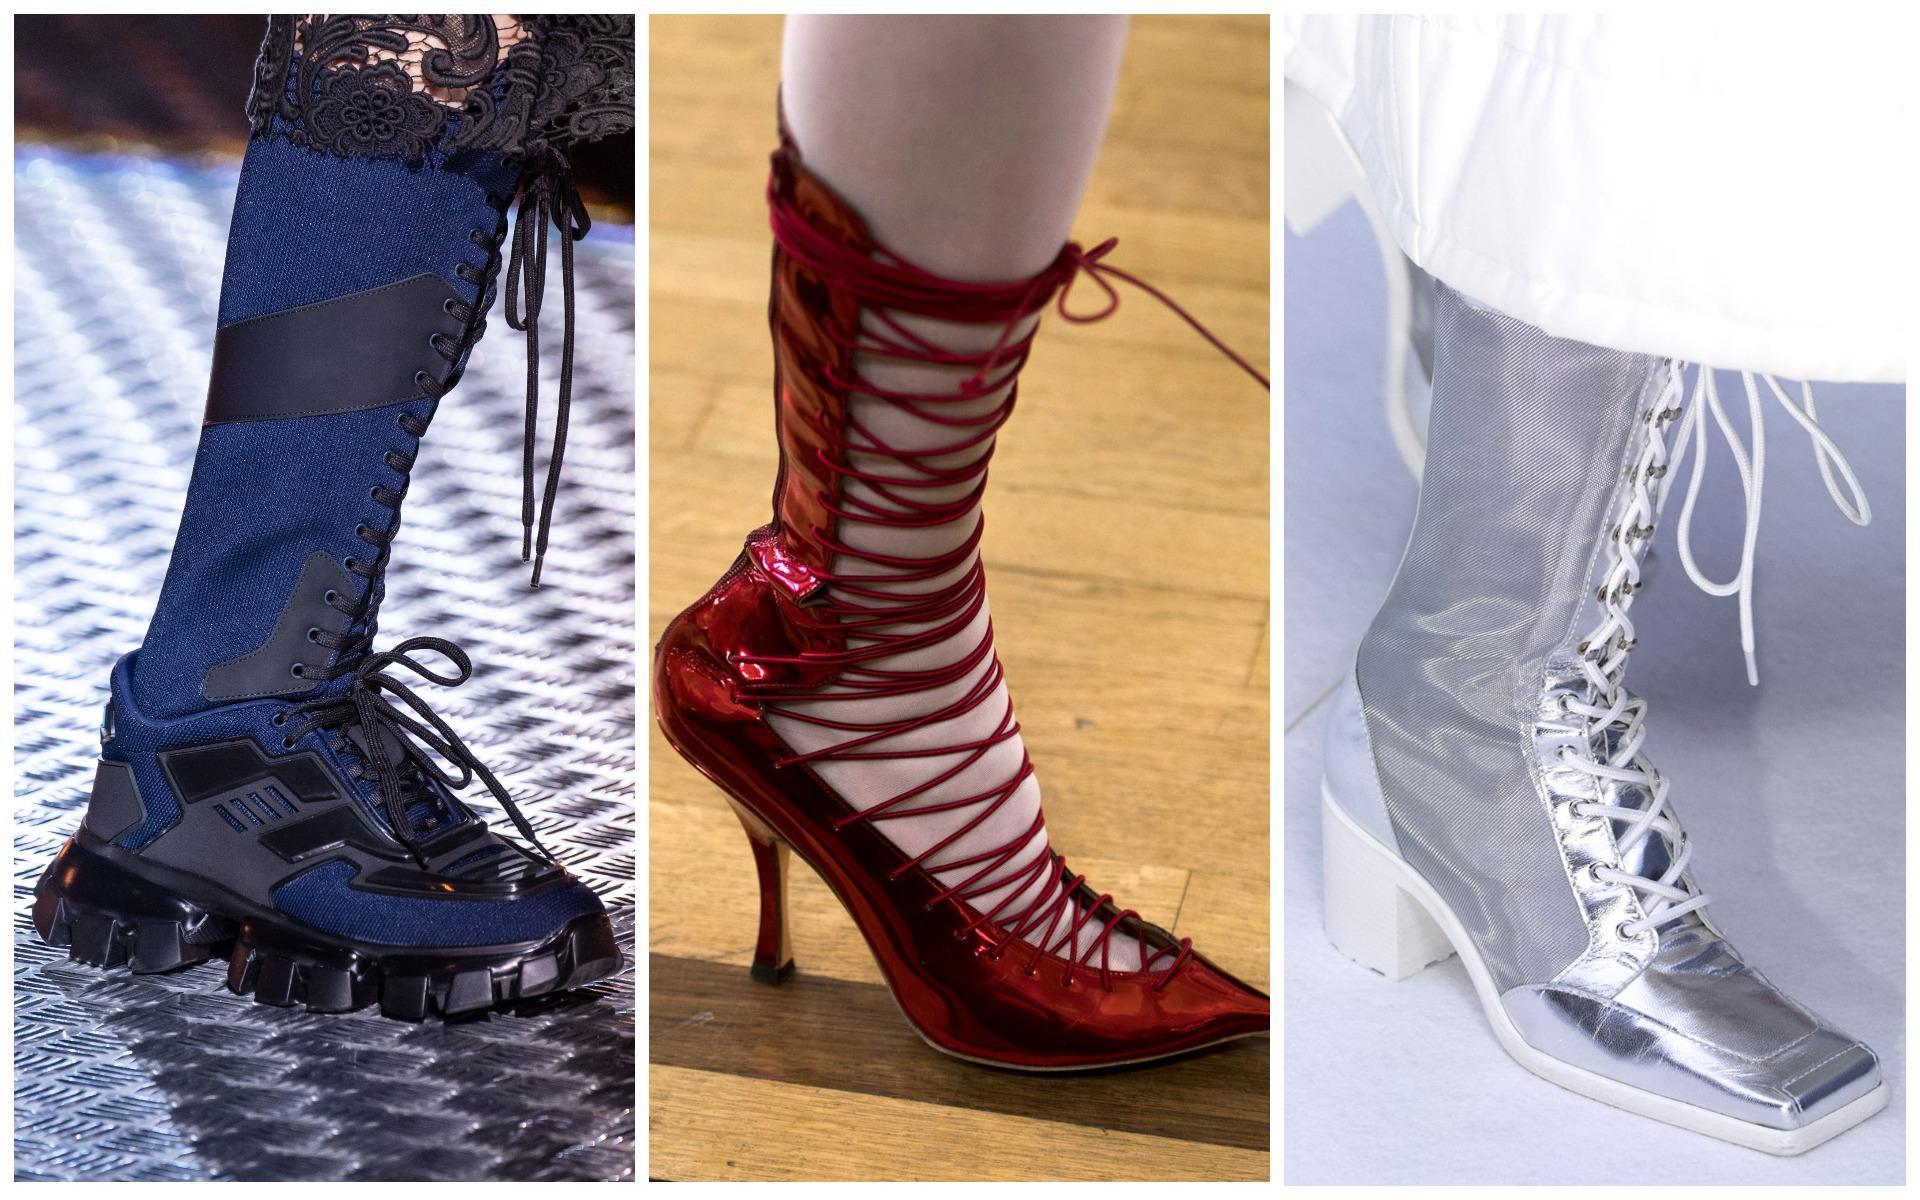 Викторианская шнуровка будет актуально смотреться в этом сезоне